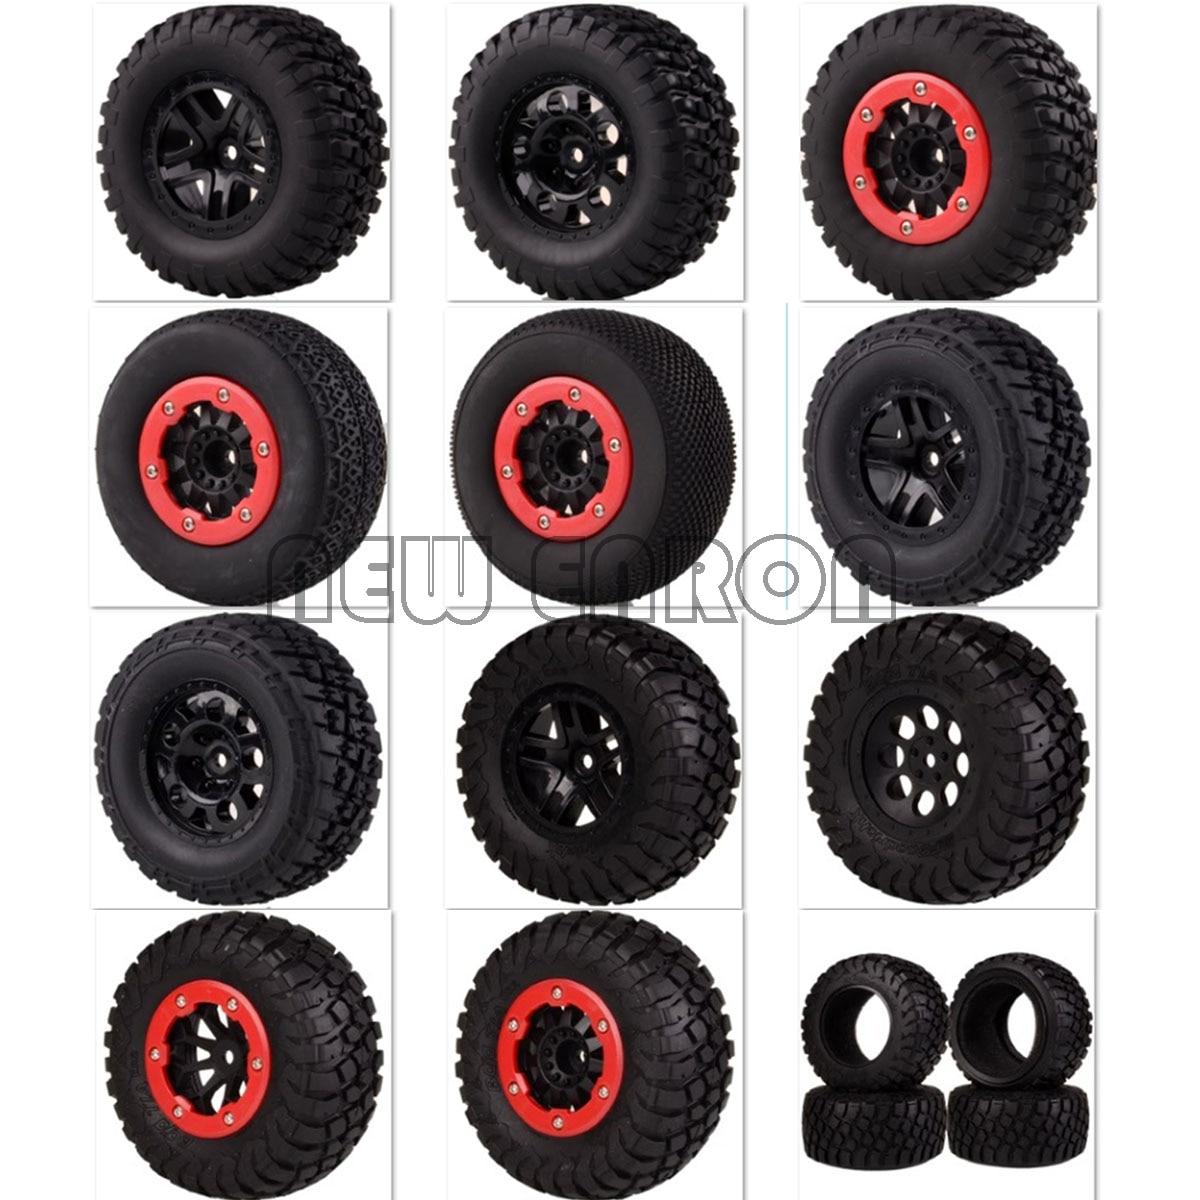 Nouveau pneu de camion de Course courte ENRON 4 pièces avec blocage des billes et moyeu de jante 12MM HEX pour ajustement 1:10 1/10 Traxxas Slash 4x4 VKAR 10SC HPI